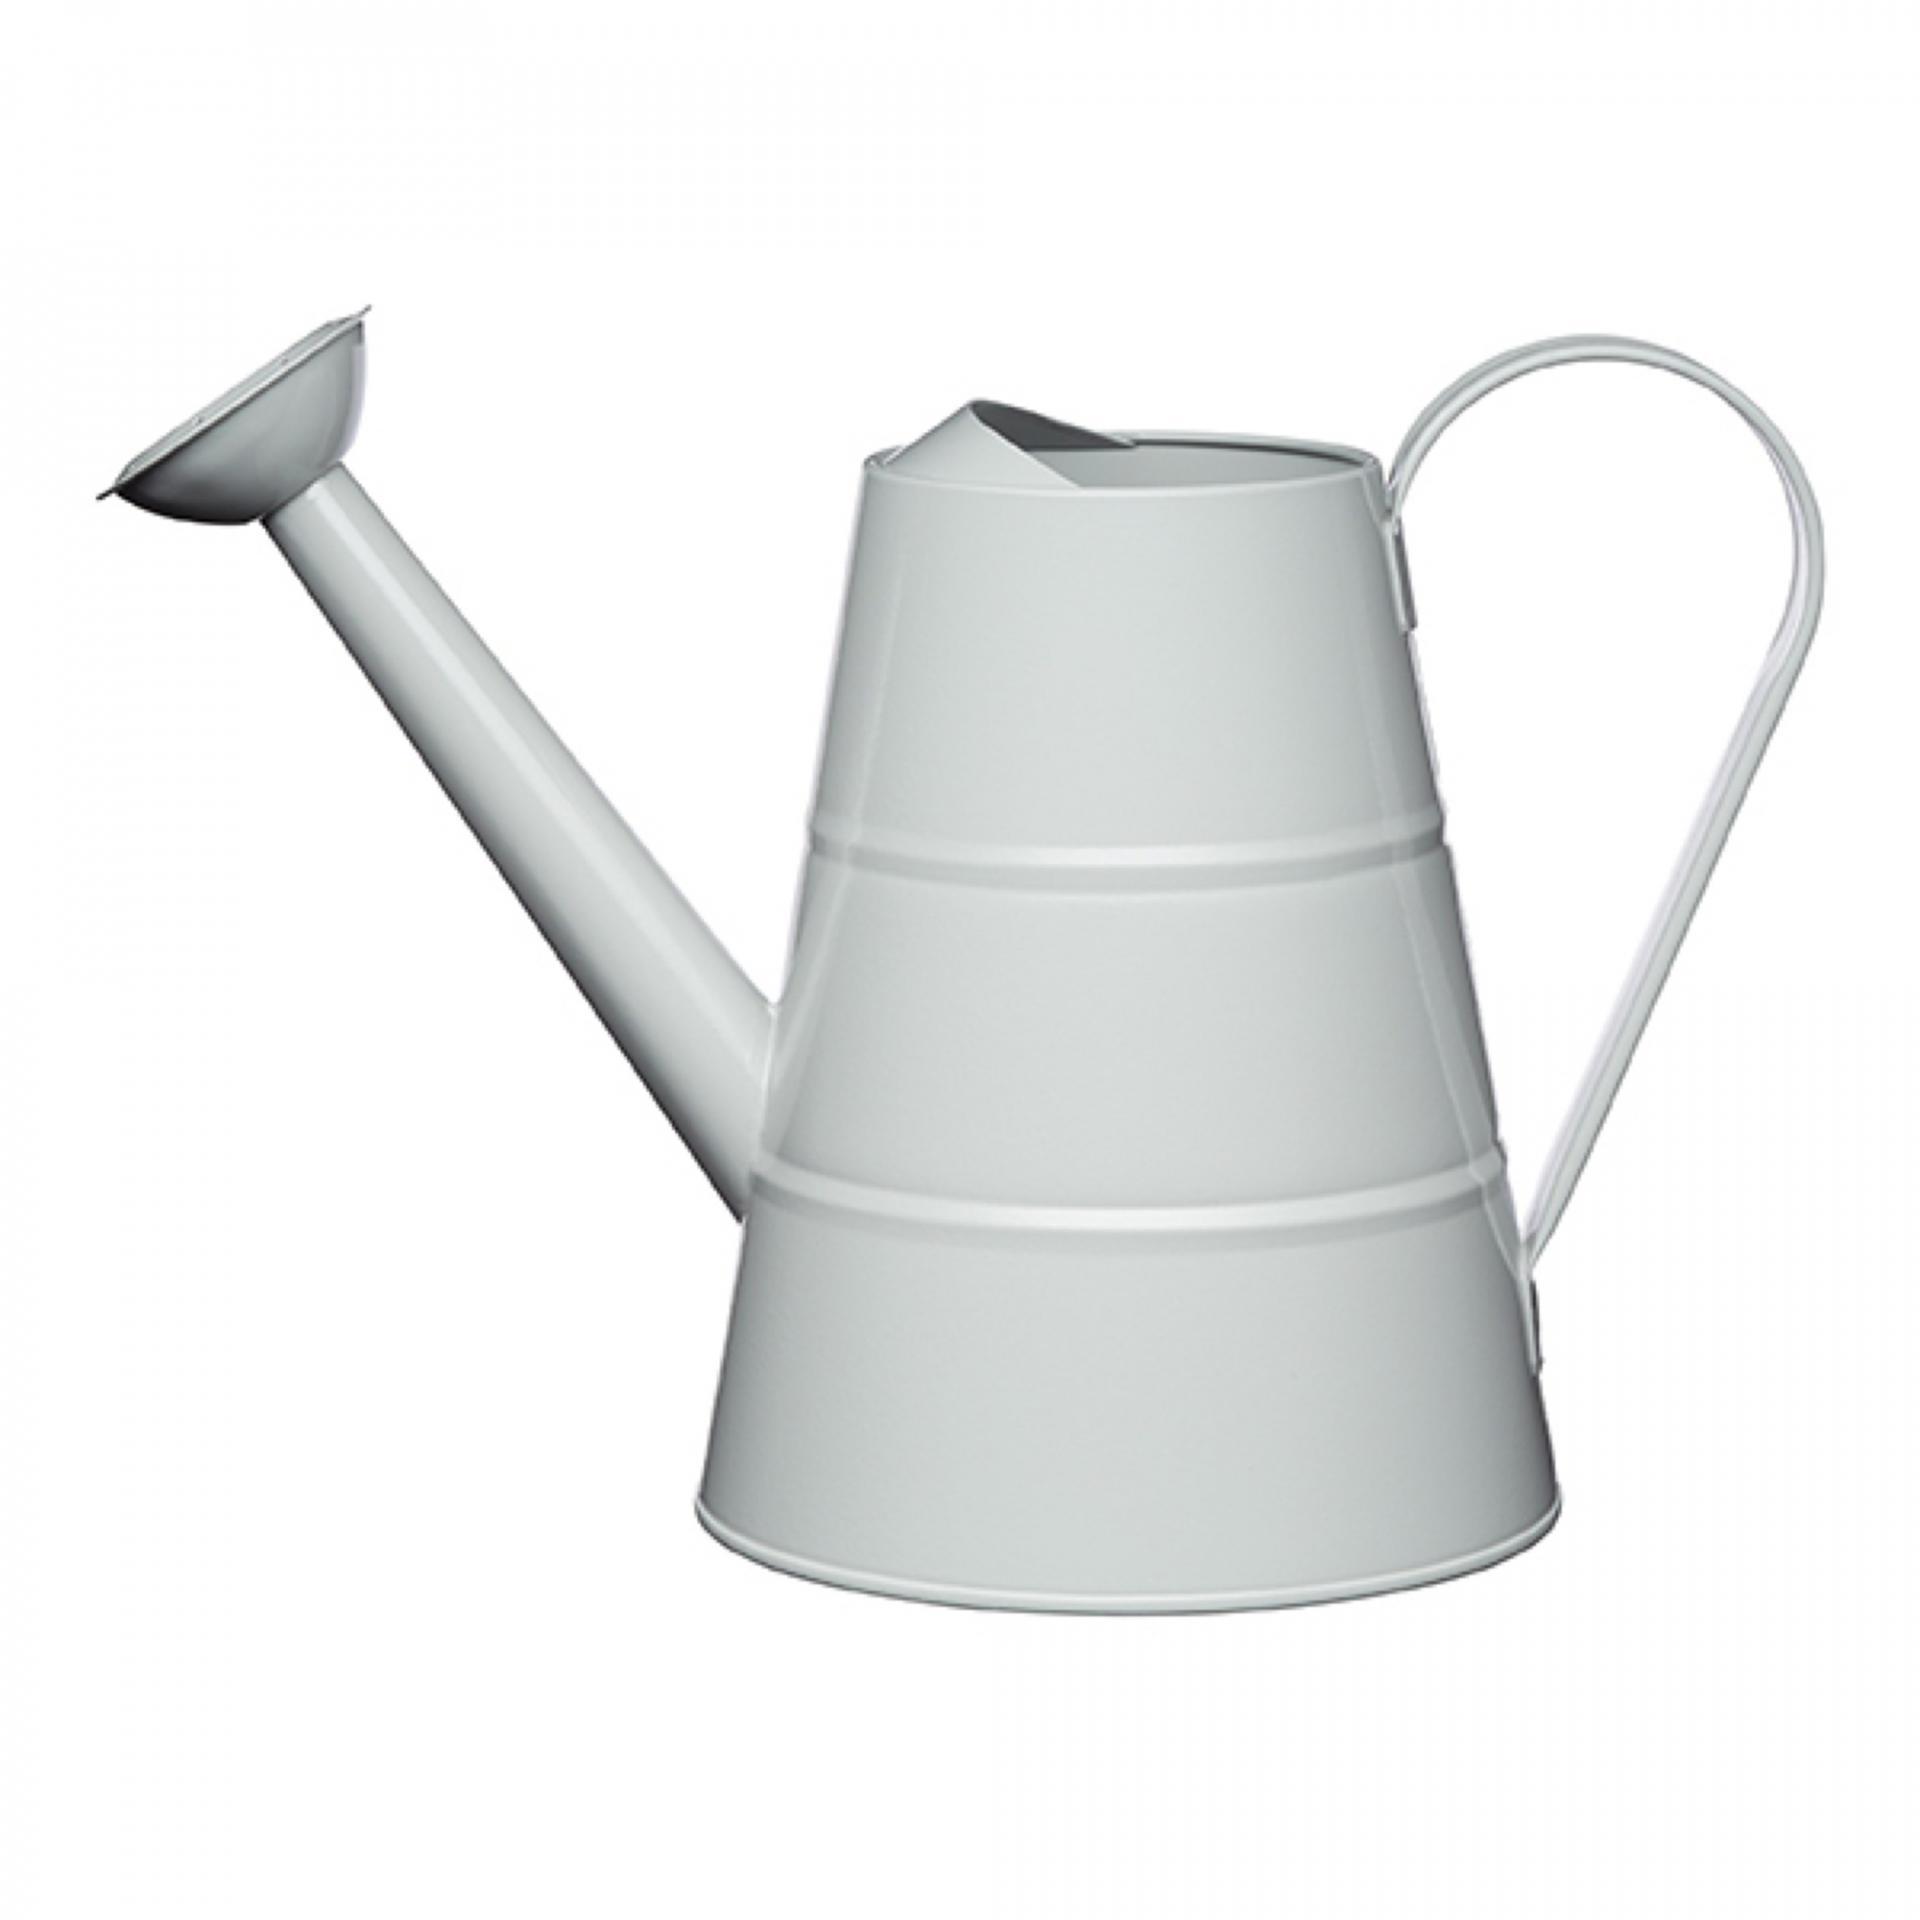 Kitchen Craft Zahradní konev French grey 2,3 l, šedá barva, kov